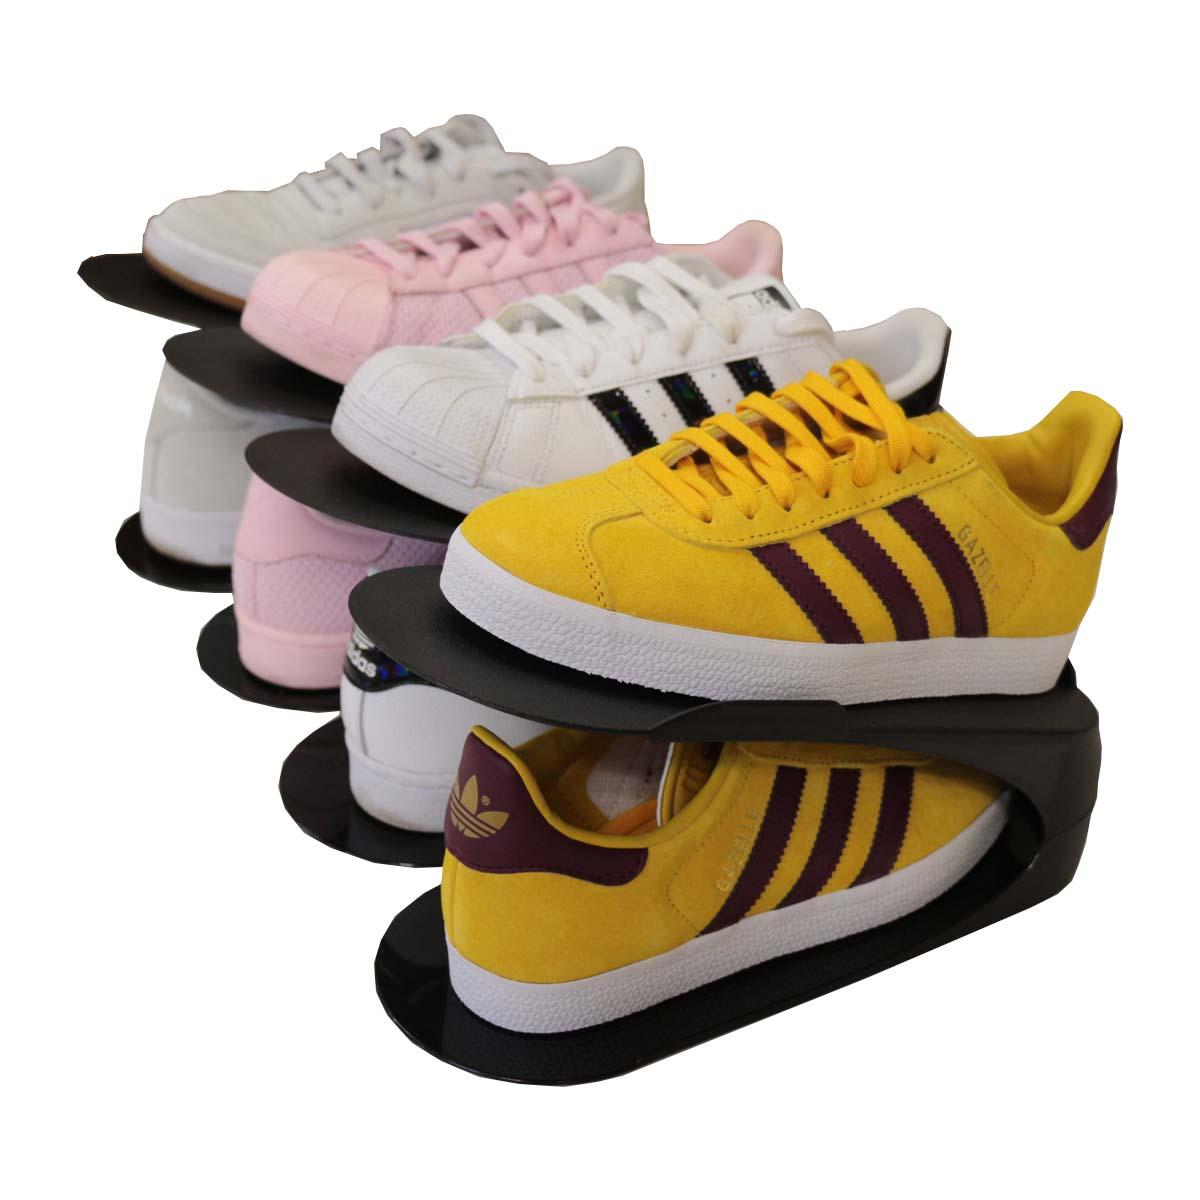 Rangement À Chaussures Gain De Place 4 range-chaussures gain de place noirs